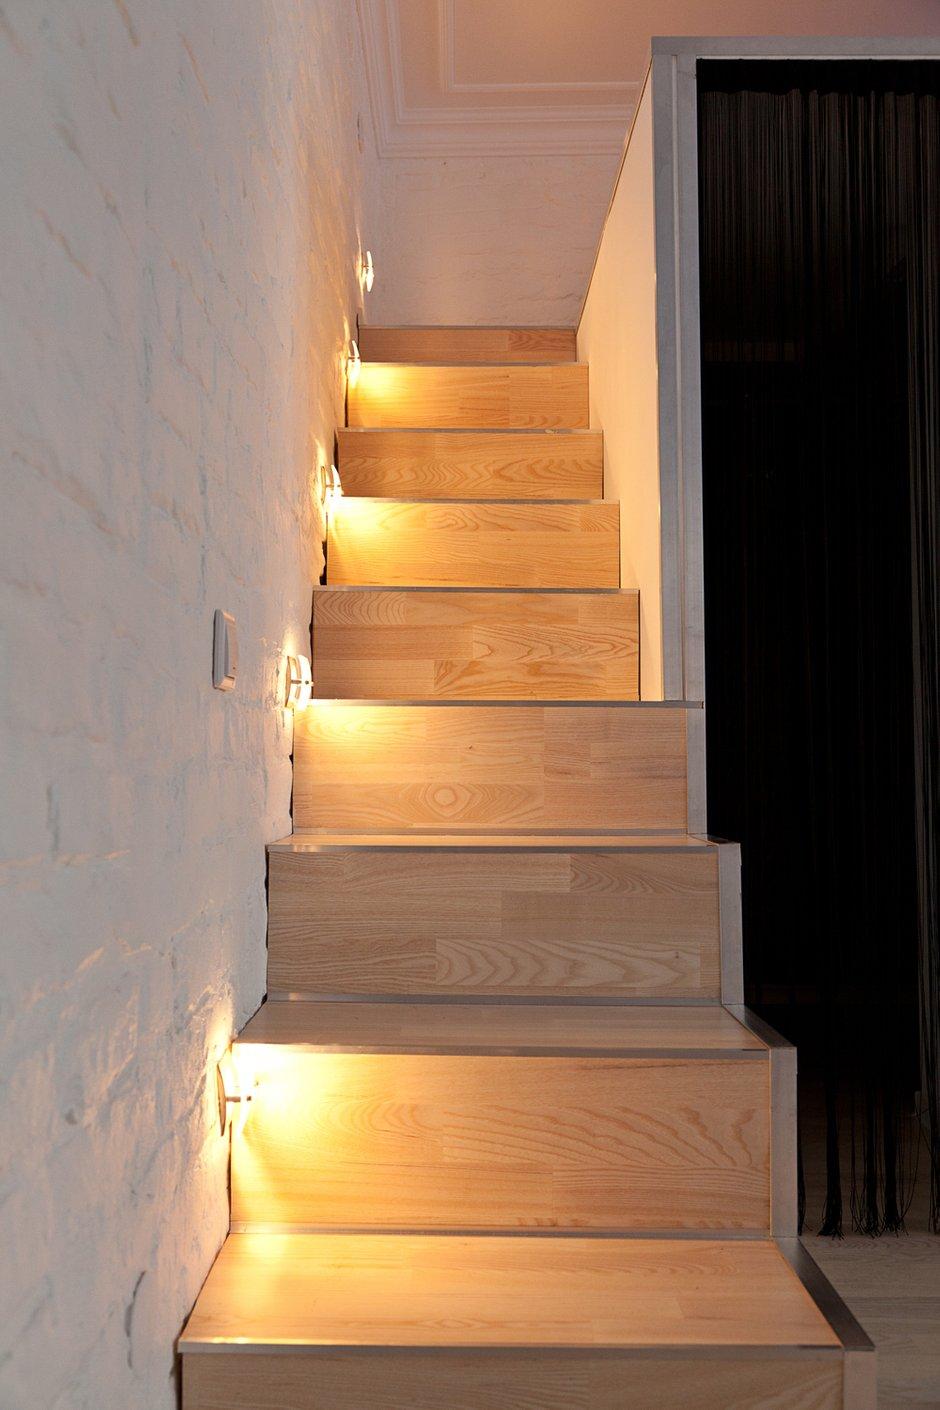 Фотография: Мебель и свет в стиле , Лофт, Малогабаритная квартира, Квартира, Цвет в интерьере, Дома и квартиры, Стены – фото на INMYROOM